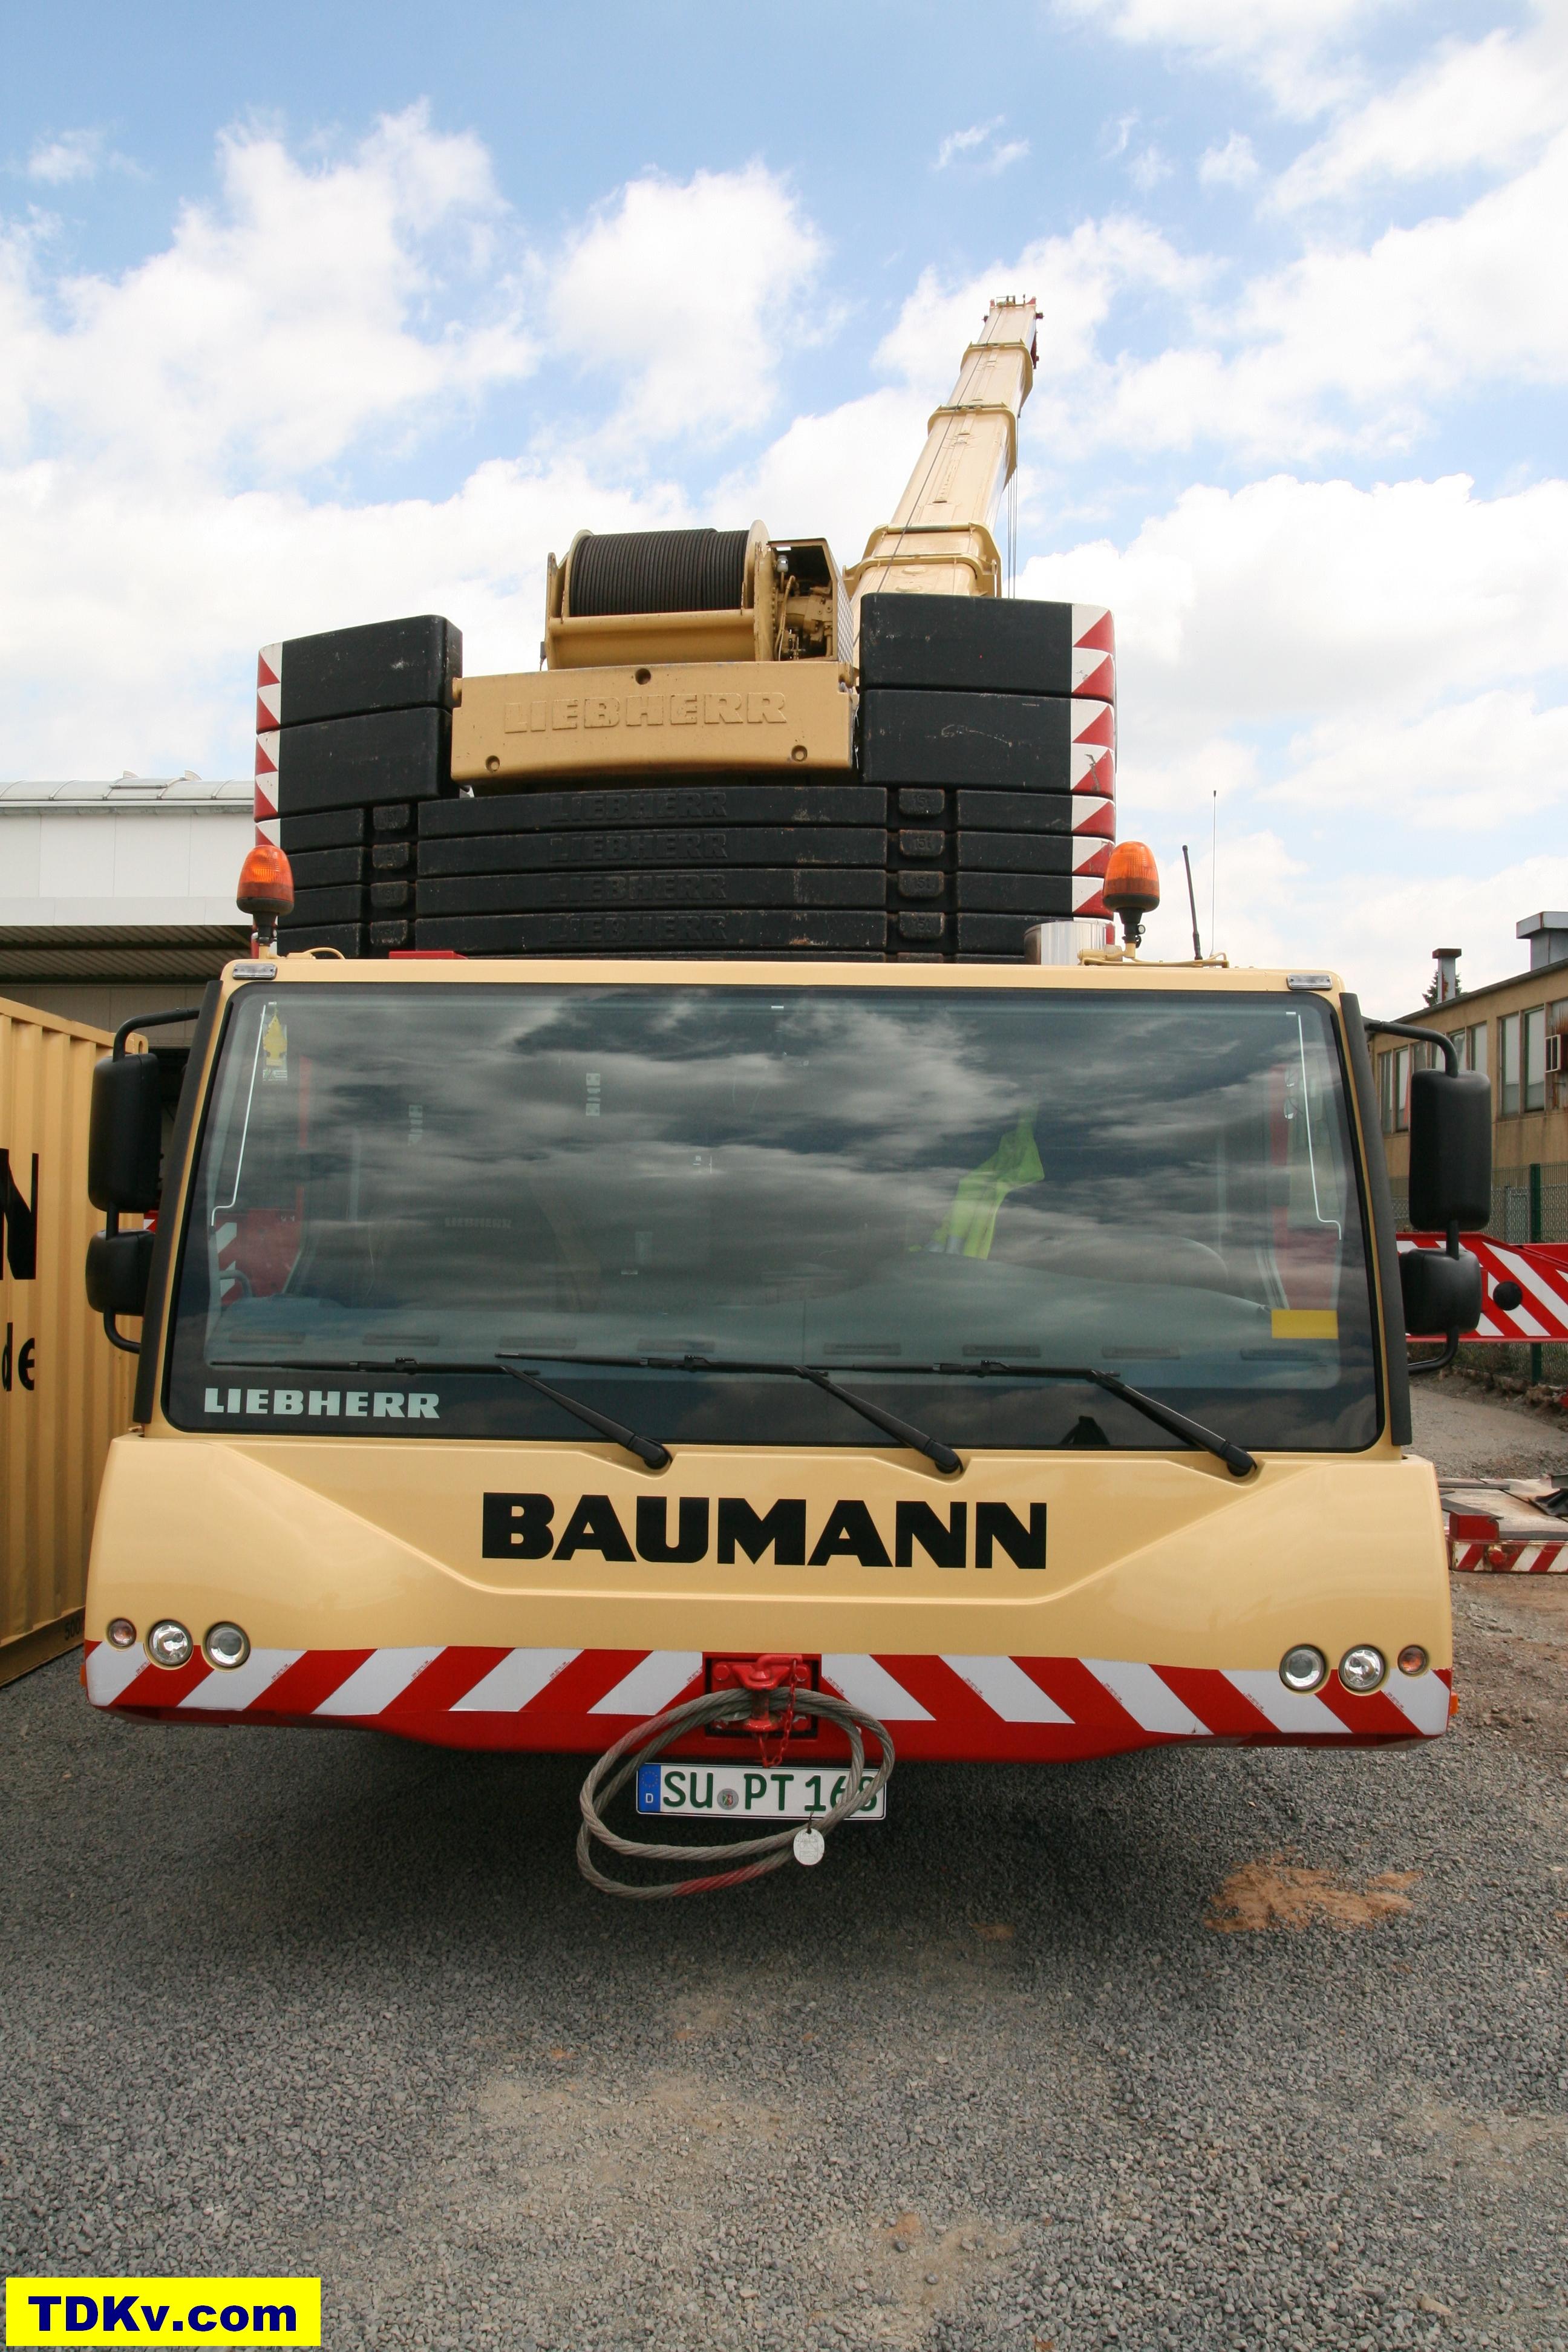 Baumann LTM 1500-8.1